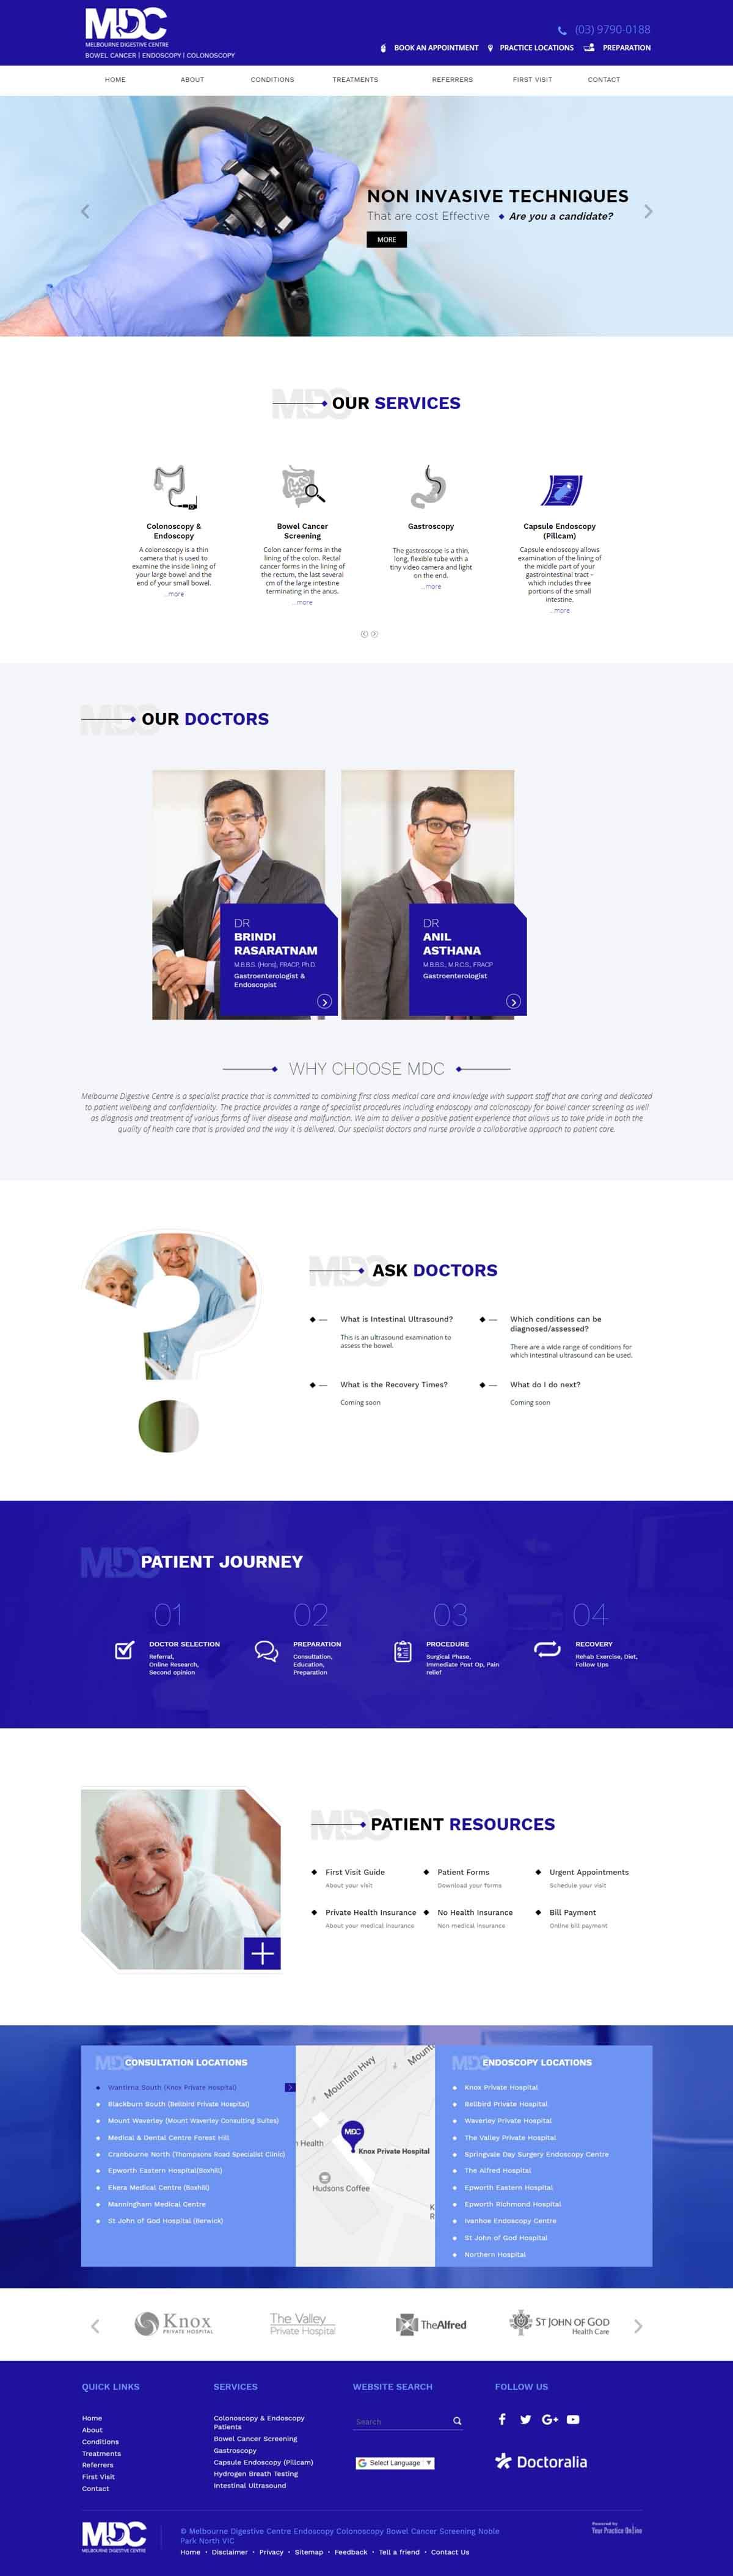 Melbourne Bowel Cancer & General Surgery Website